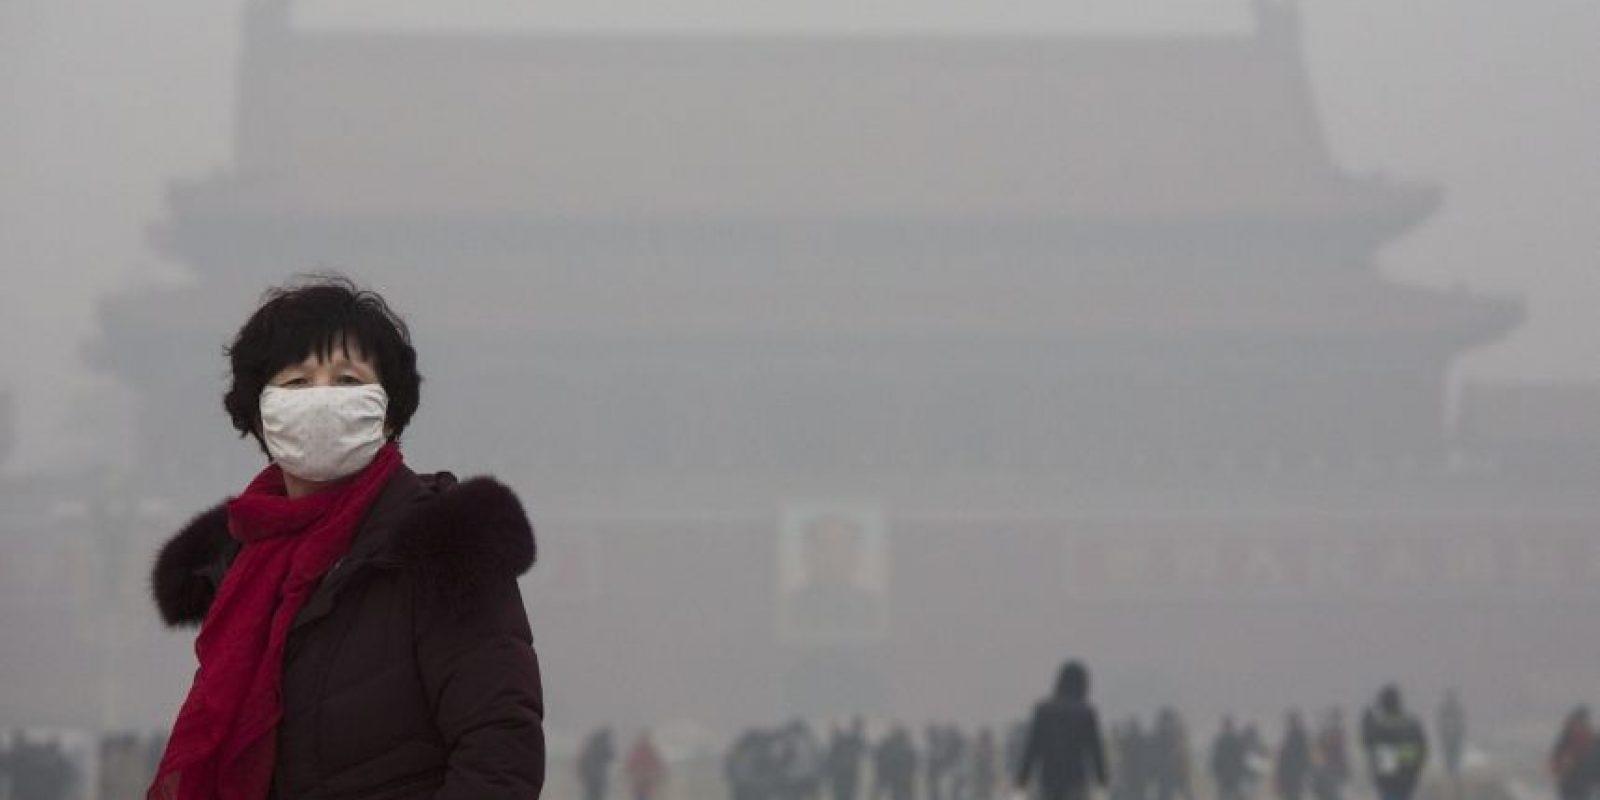 """13 veces más que los 25 microgramos por metro cúbico de aire que la Organización Mundial de la Salud establece como """"seguro"""". Foto:Getty Images"""